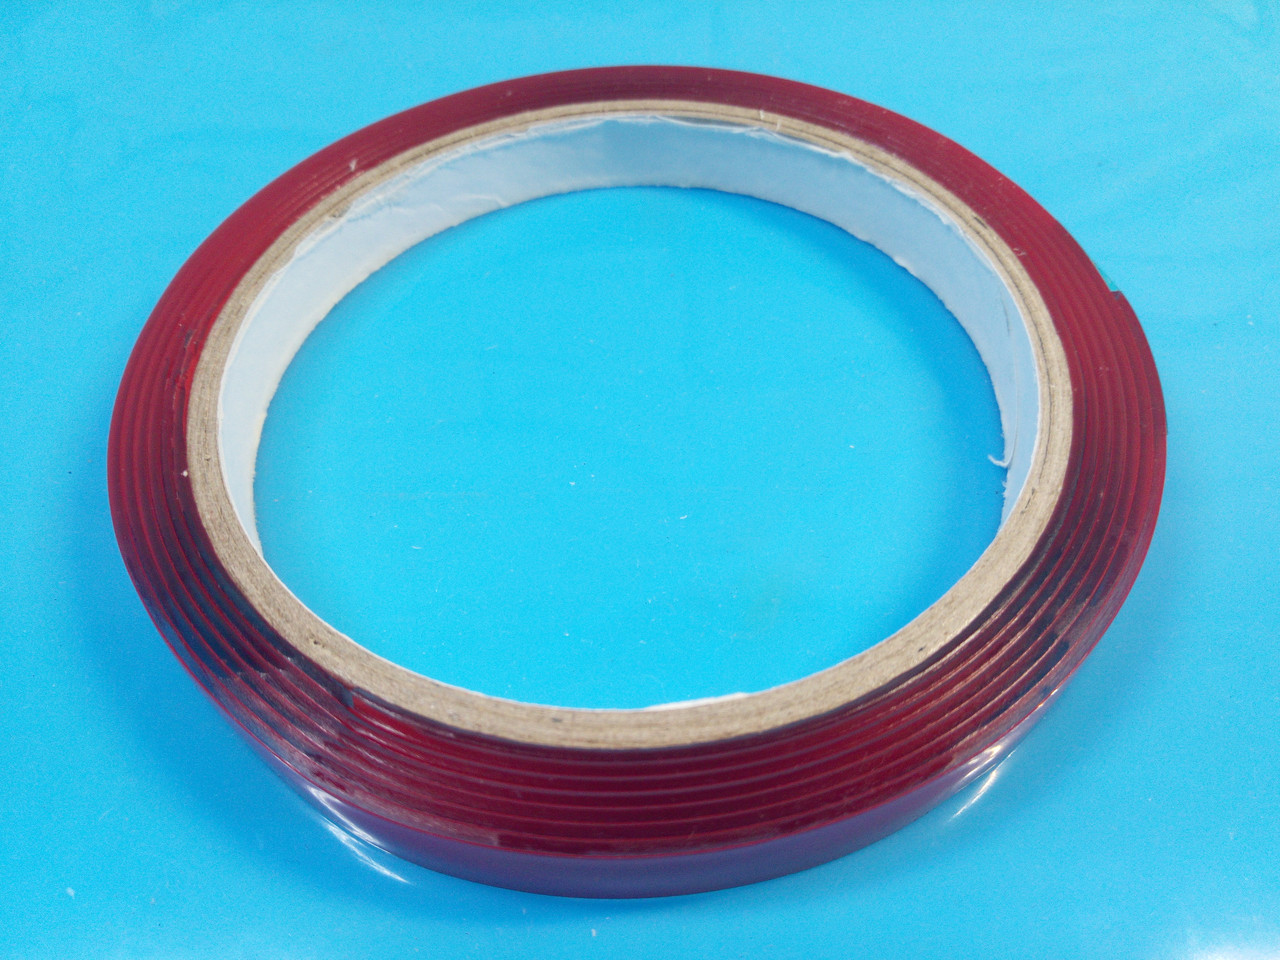 Двухсторонний скотч акриловый, толщина 0.8мм, ширина 10 мм, длина 2м